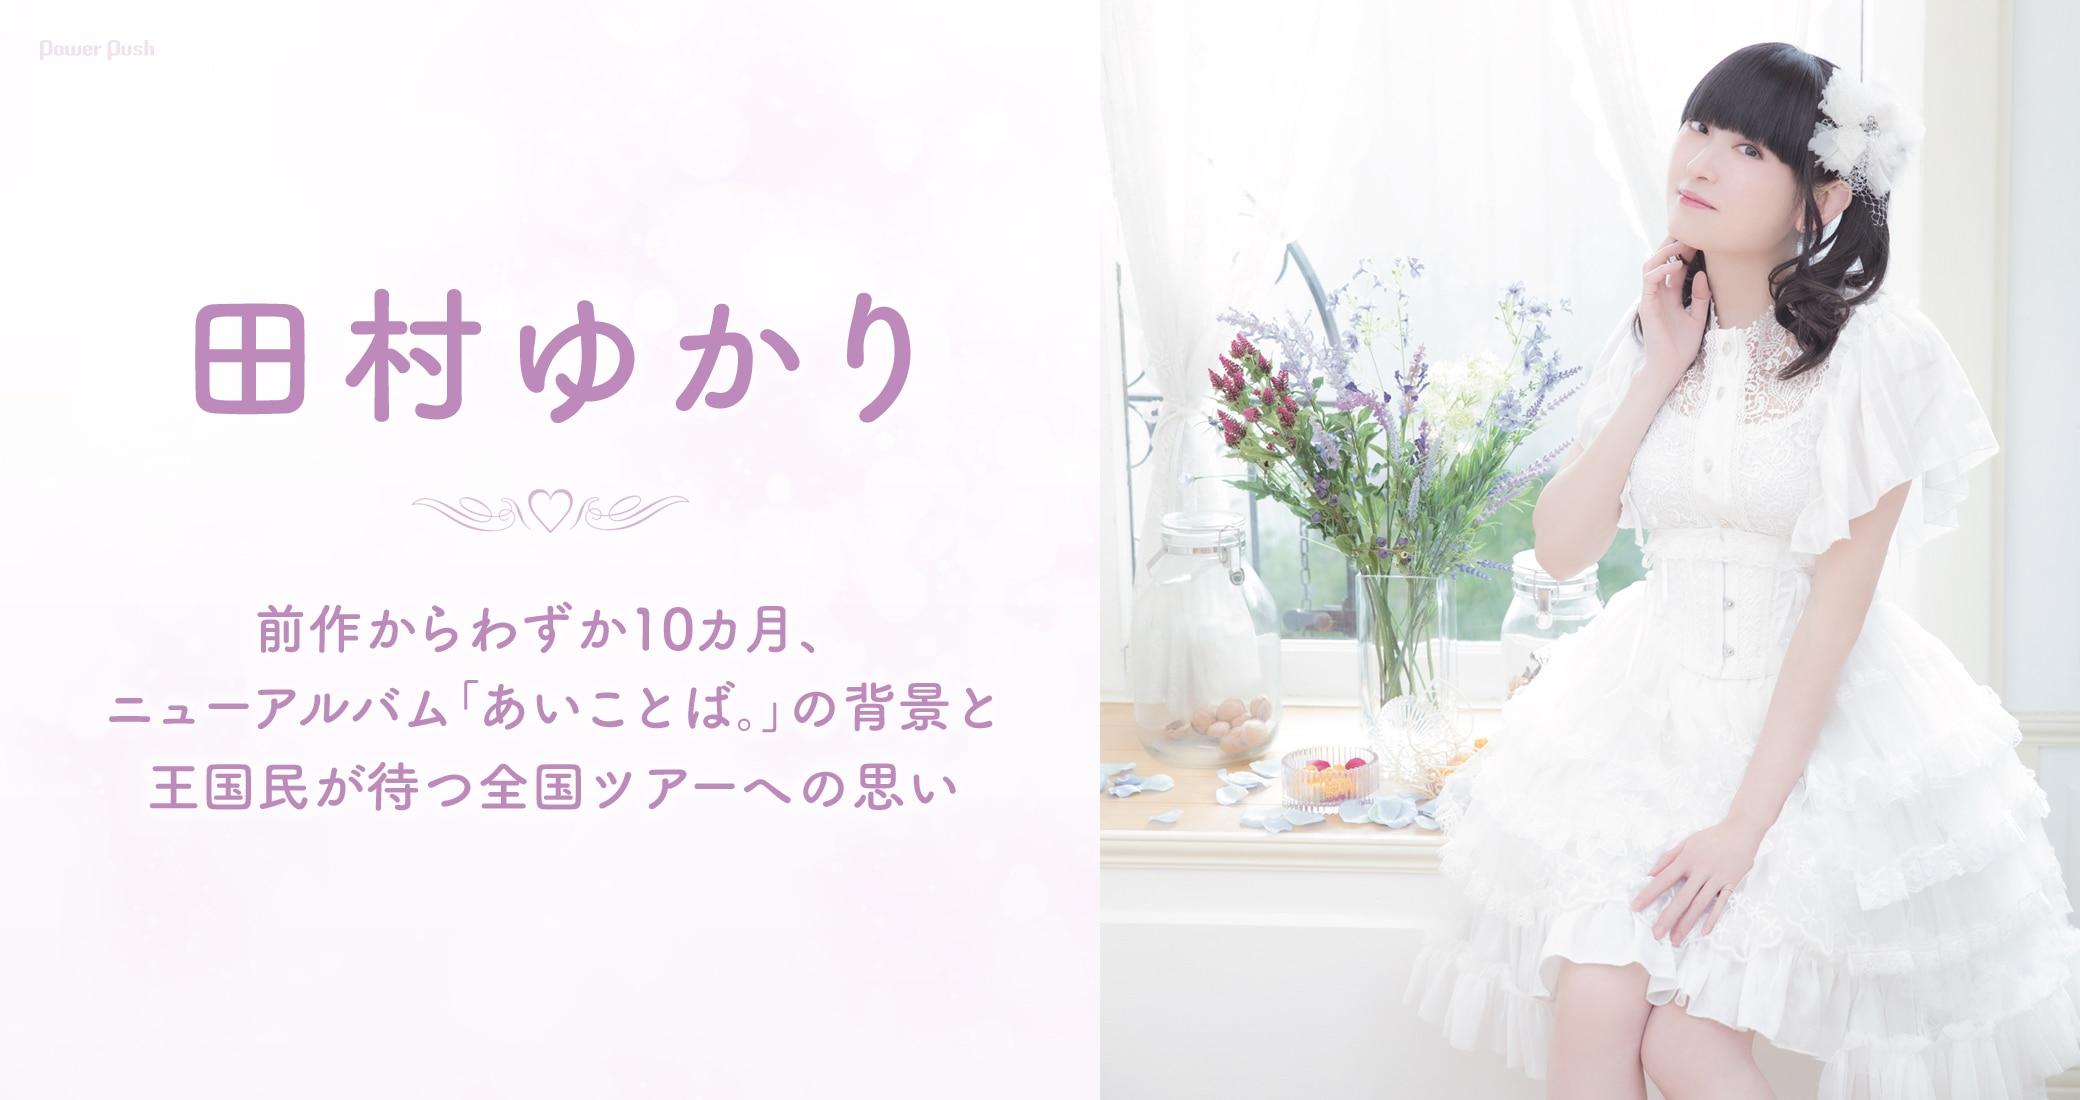 田村ゆかり|前作からわずか10カ月、ニューアルバム「あいことば。」の背景と王国民が待つ全国ツアーへの思い